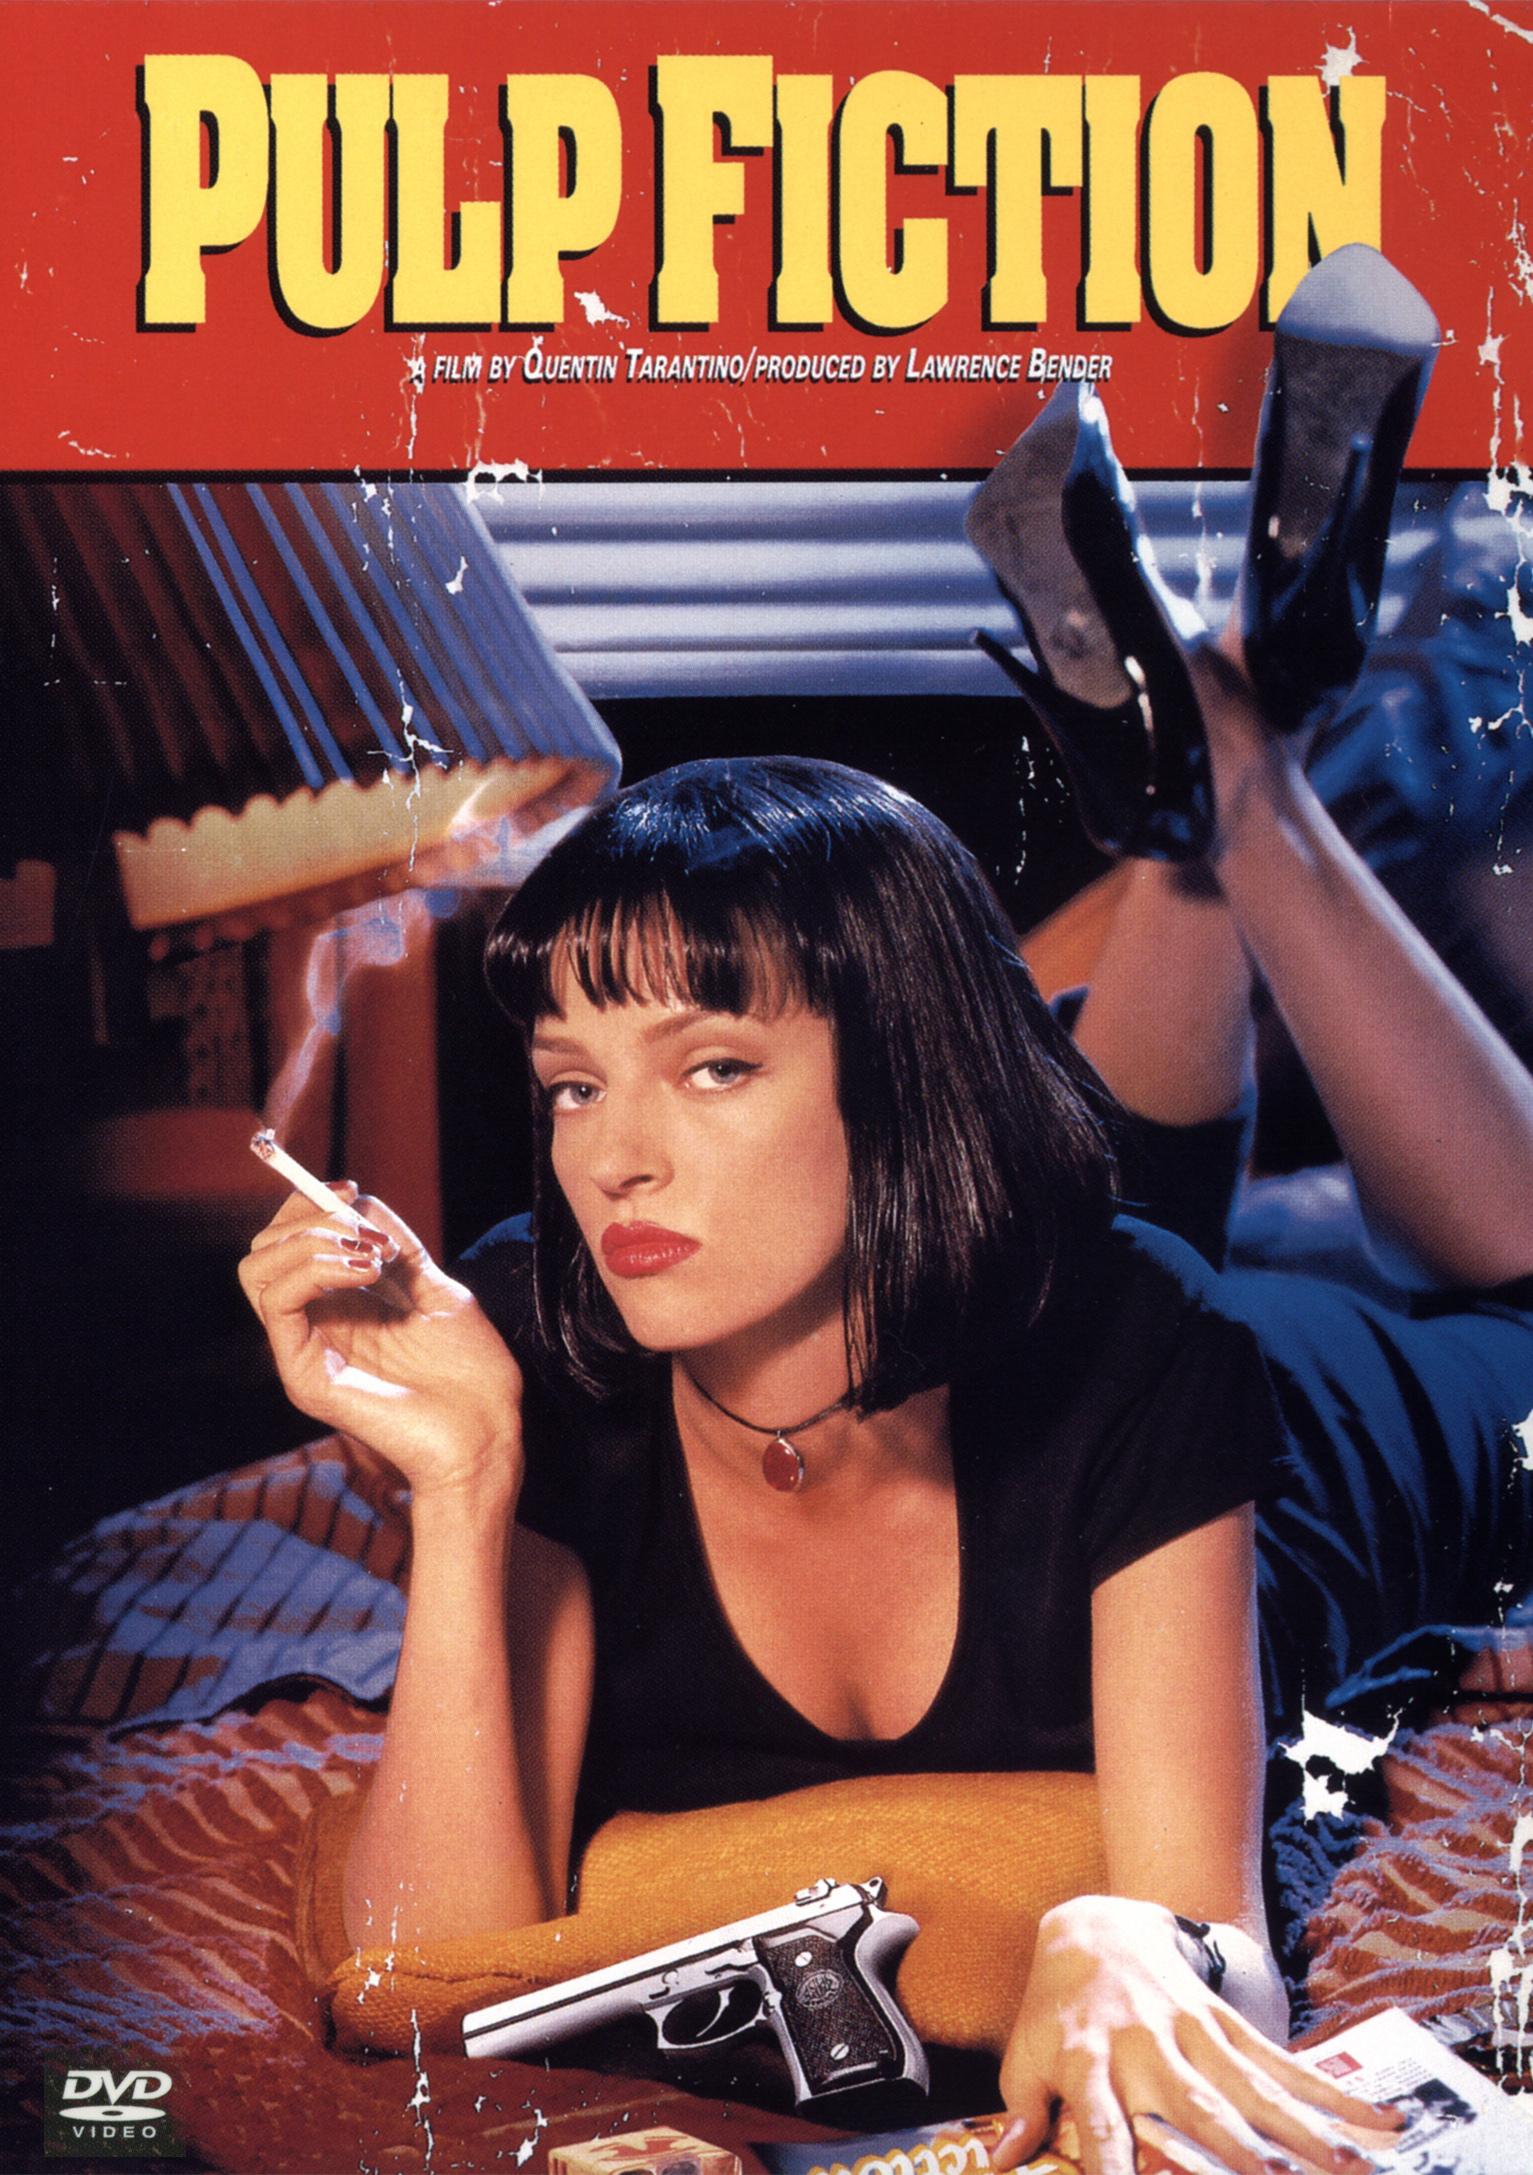 Cartel de Pulp Fiction